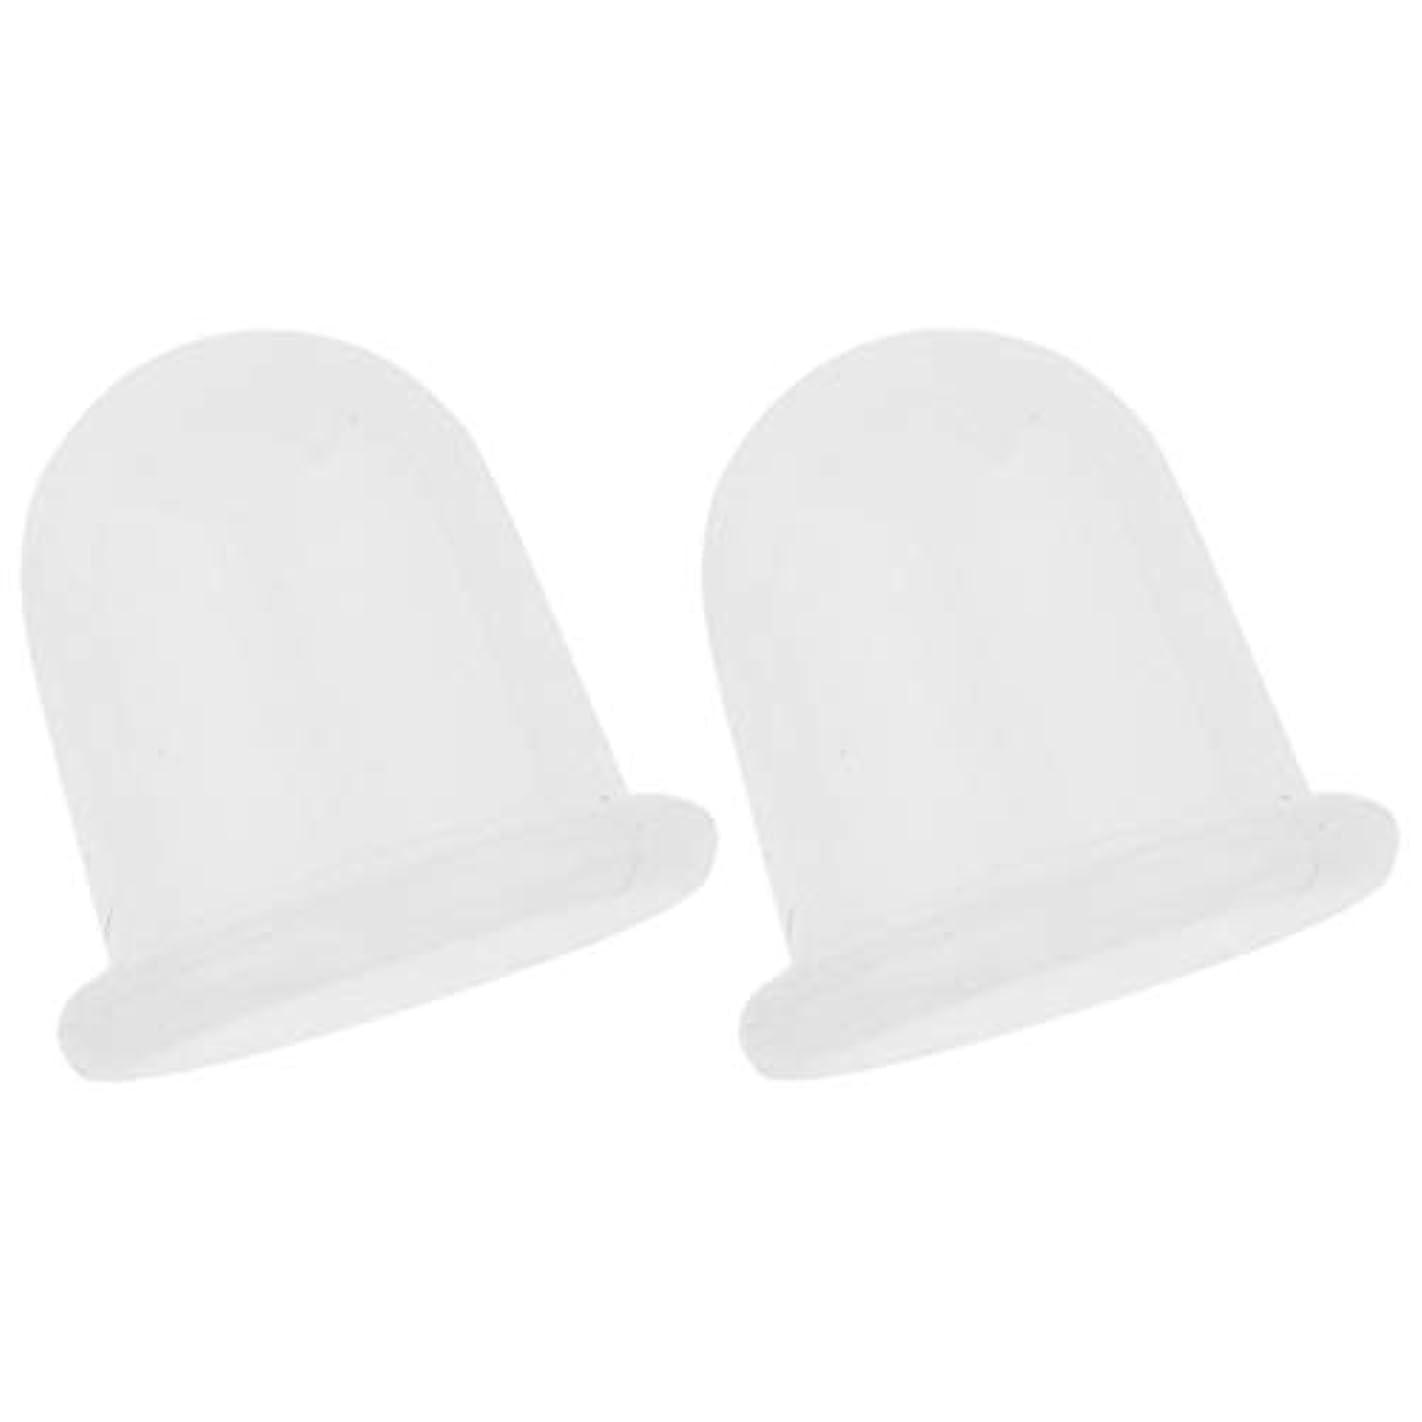 表現均等に保守的真空カッピングカップ マッサージカップ 吸い玉 シリコーン 頚部 背中 胸 マッサージ 2個入り